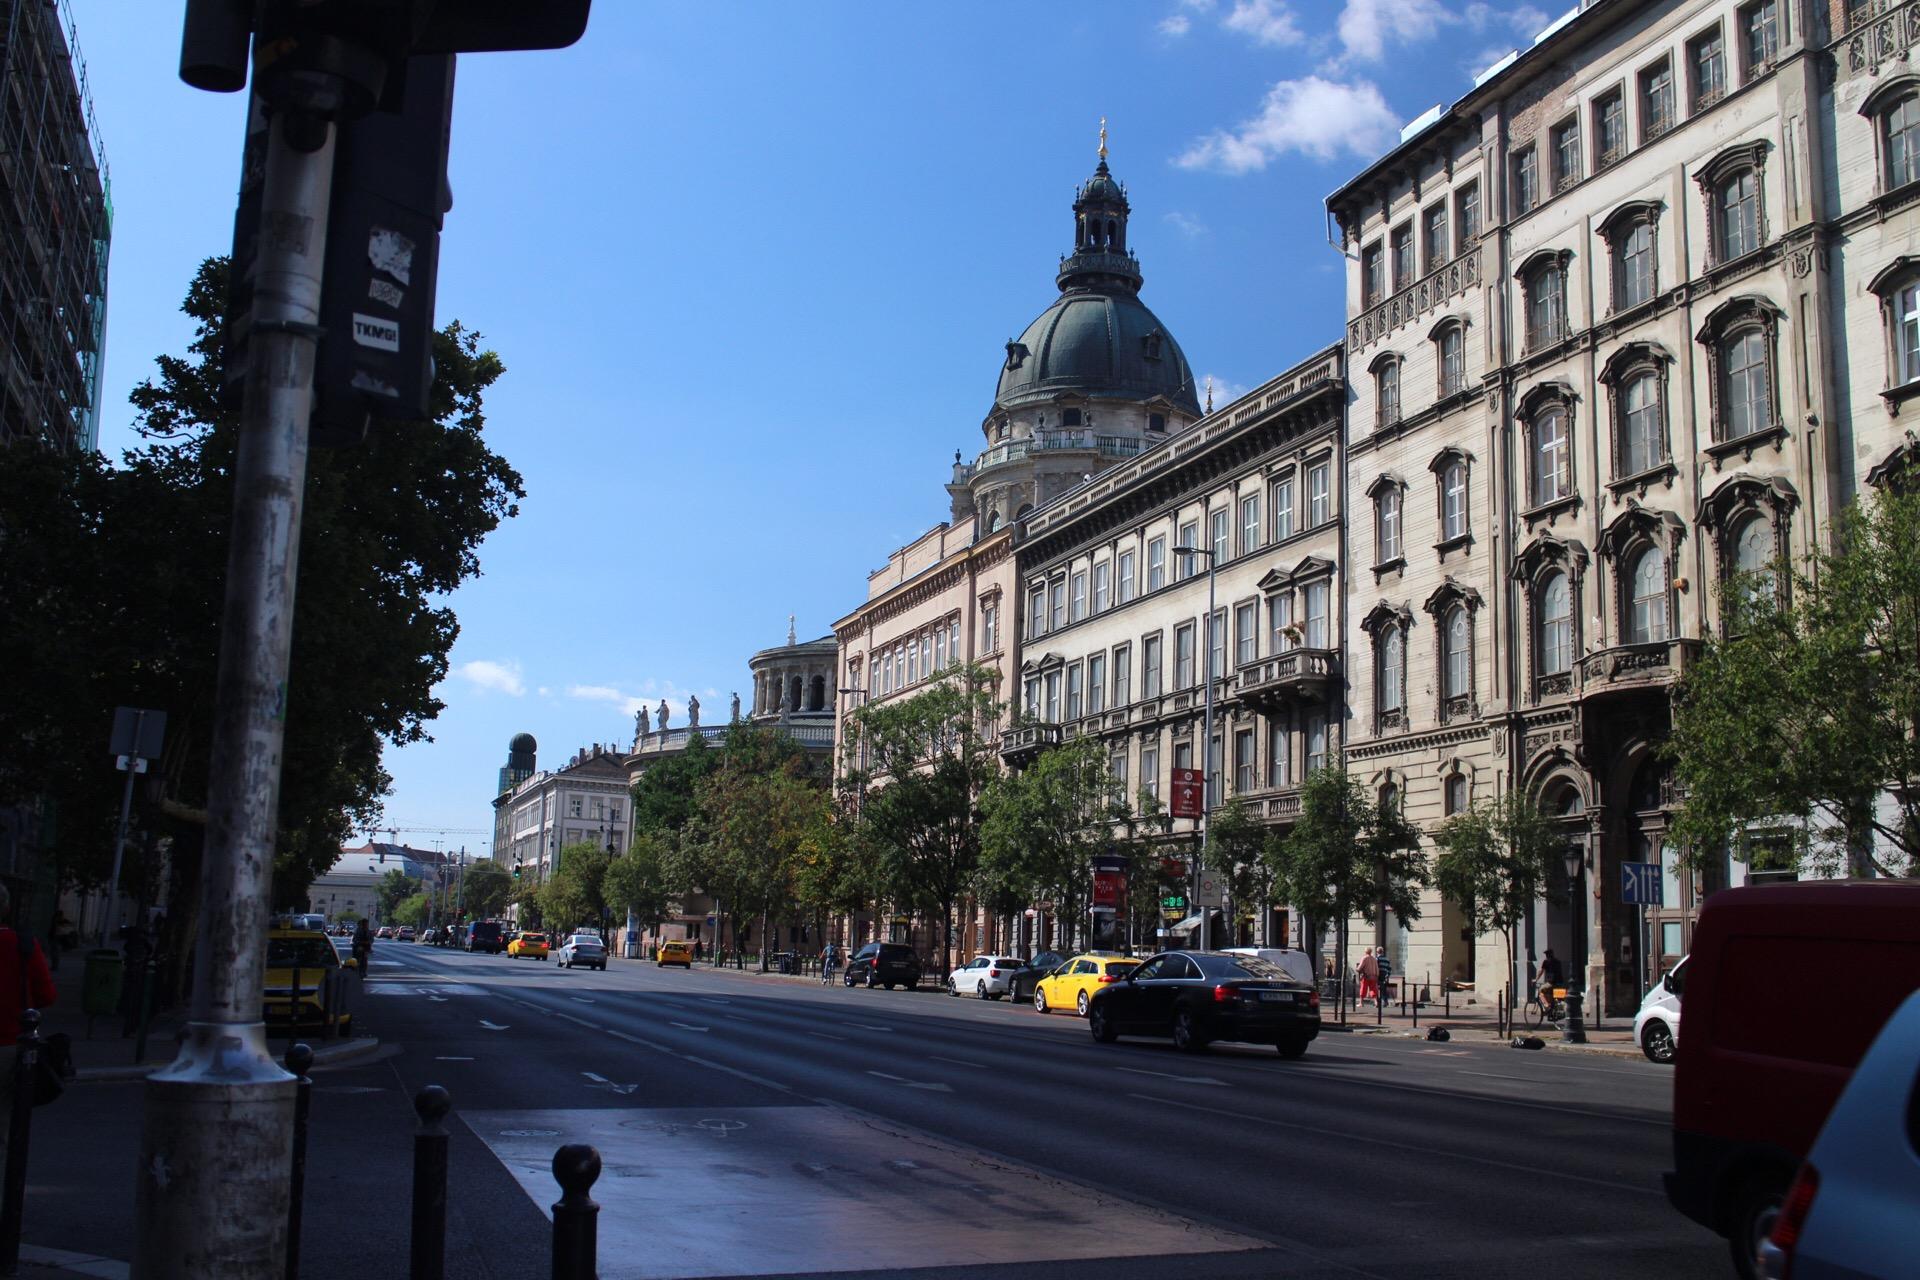 ブダペスト滞在こぼれ話☆スイーツのイベントでお土産をゲットできたよ